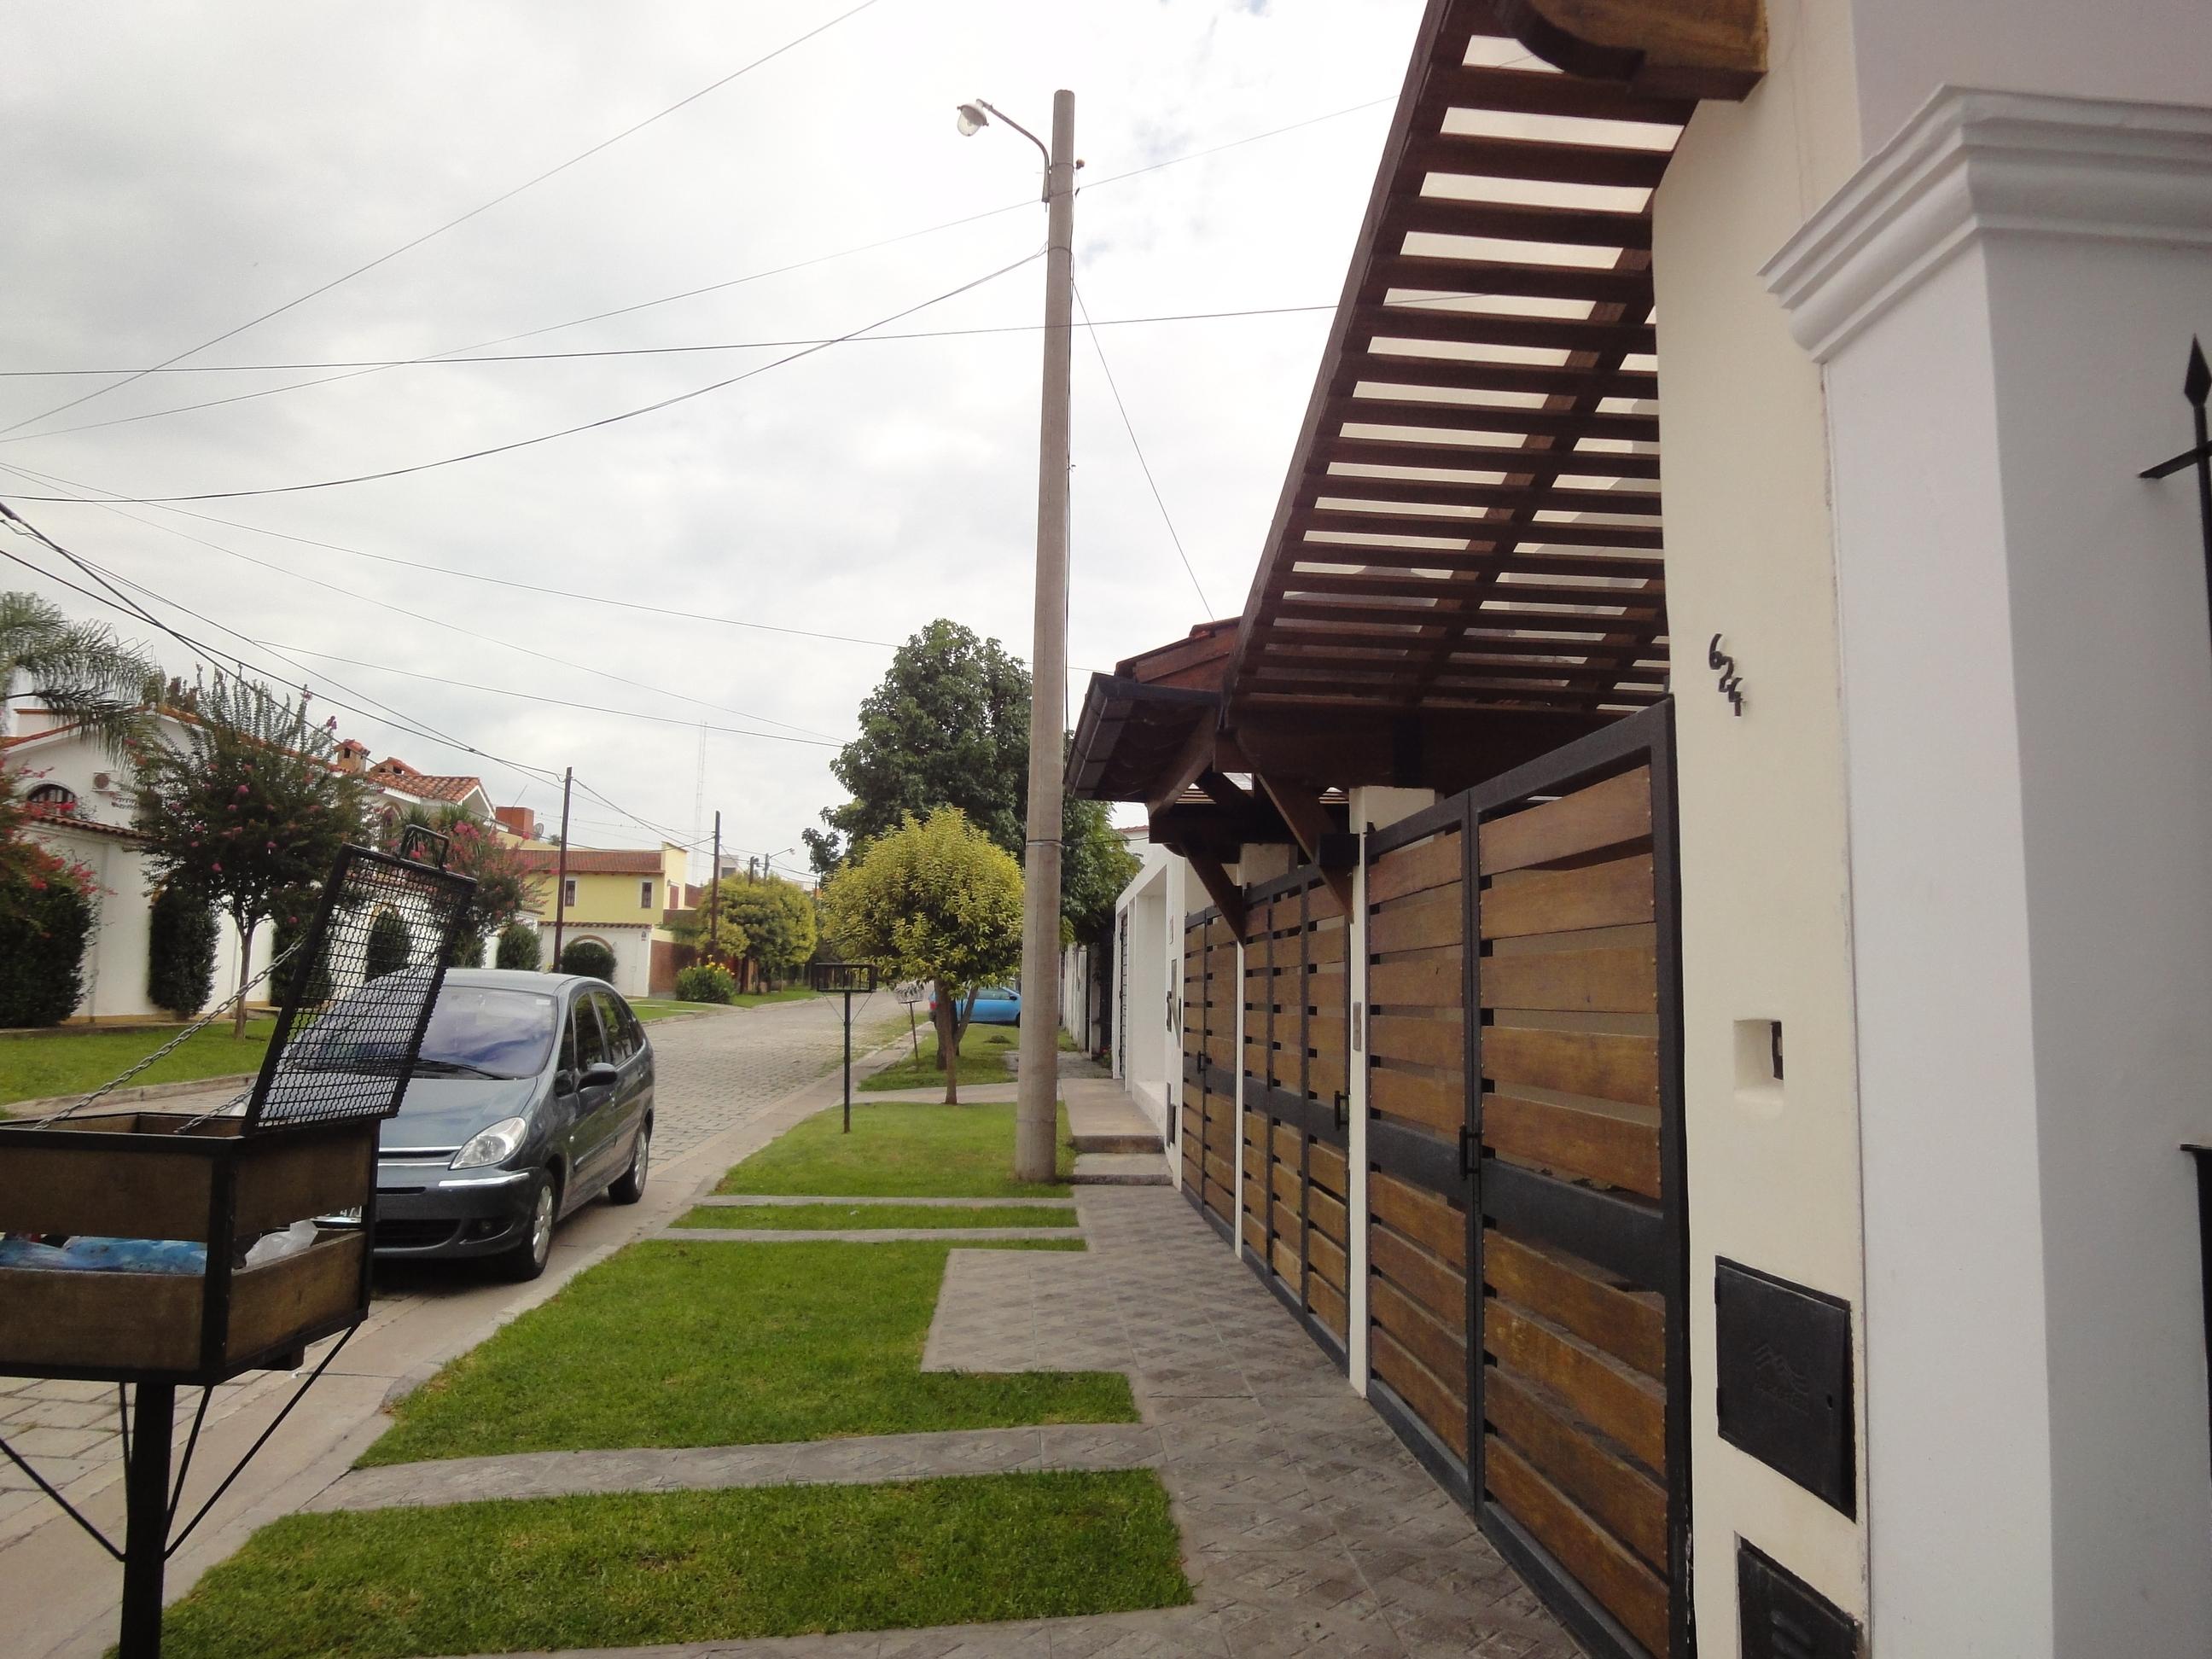 Det in fachada portones de madera y chapa - Maderas y chapas ...